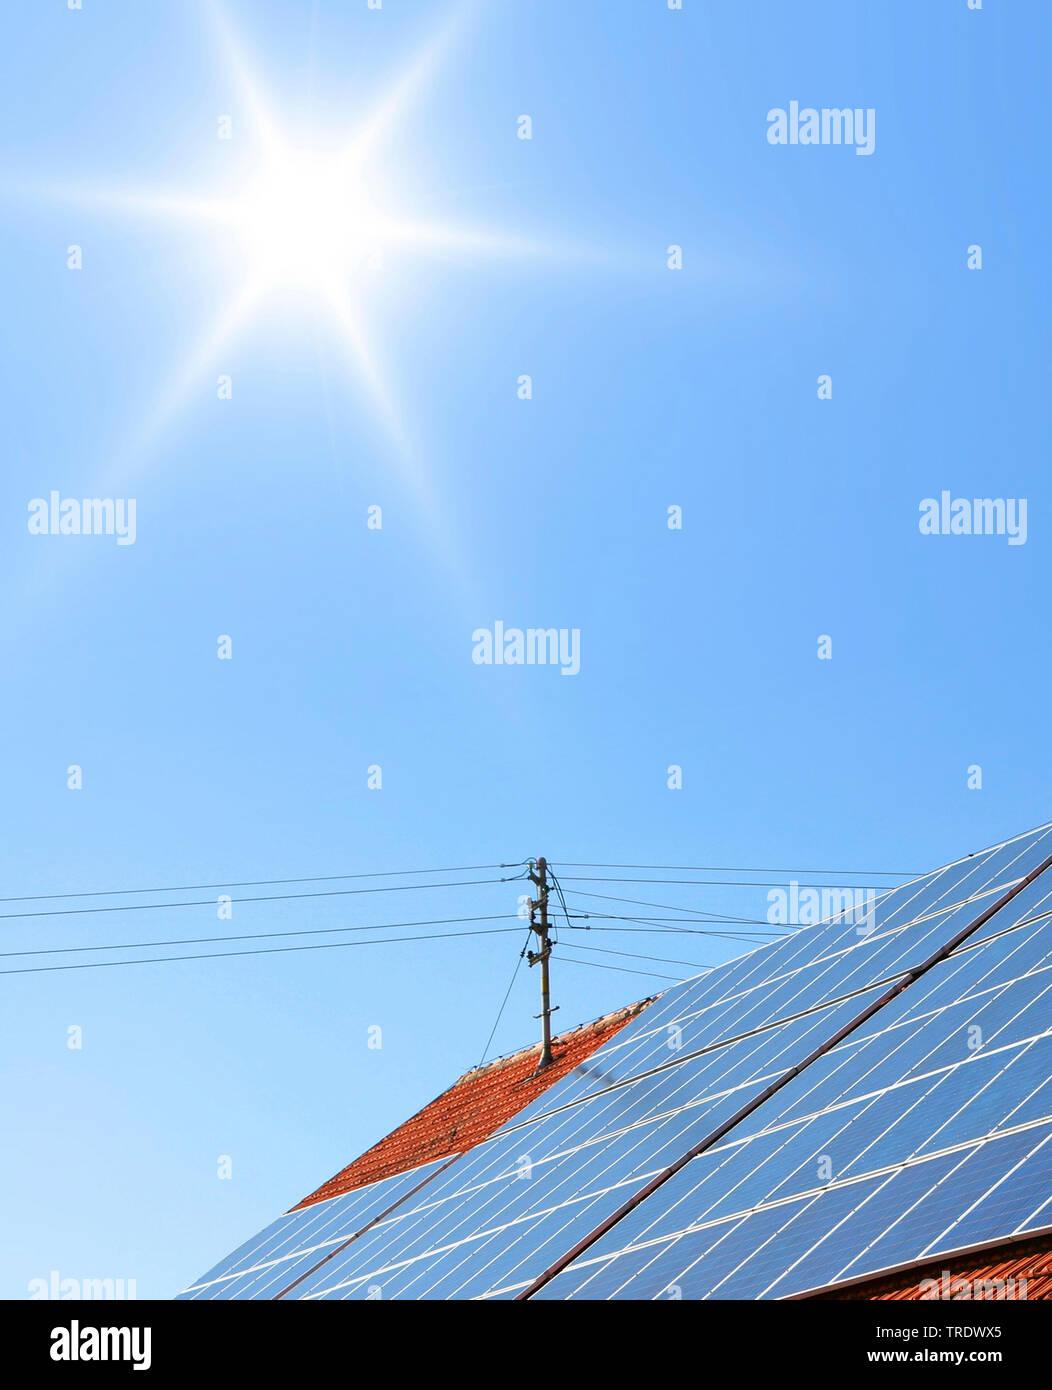 Detalle del techo de la casa residencial con paneles solares contra un cielo despejado Foto de stock